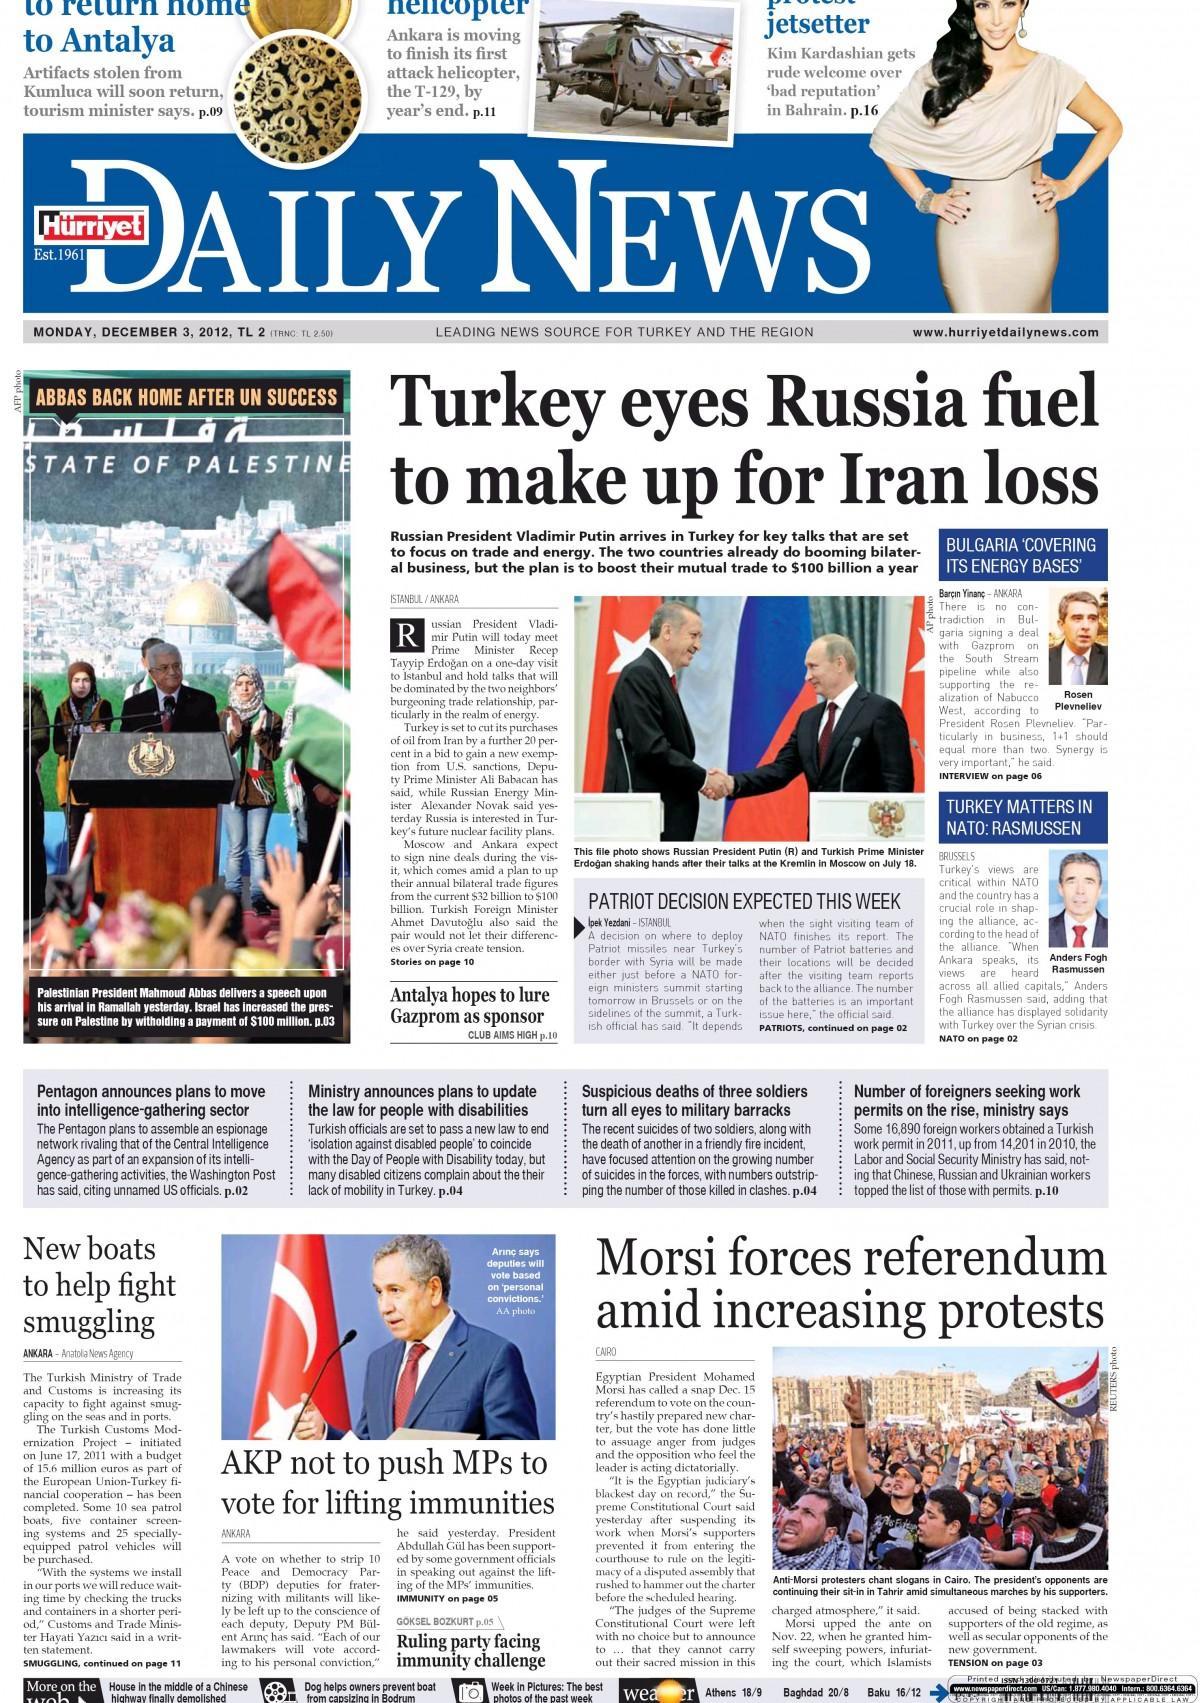 Hurriyet daily news - 3 15eubat 2015